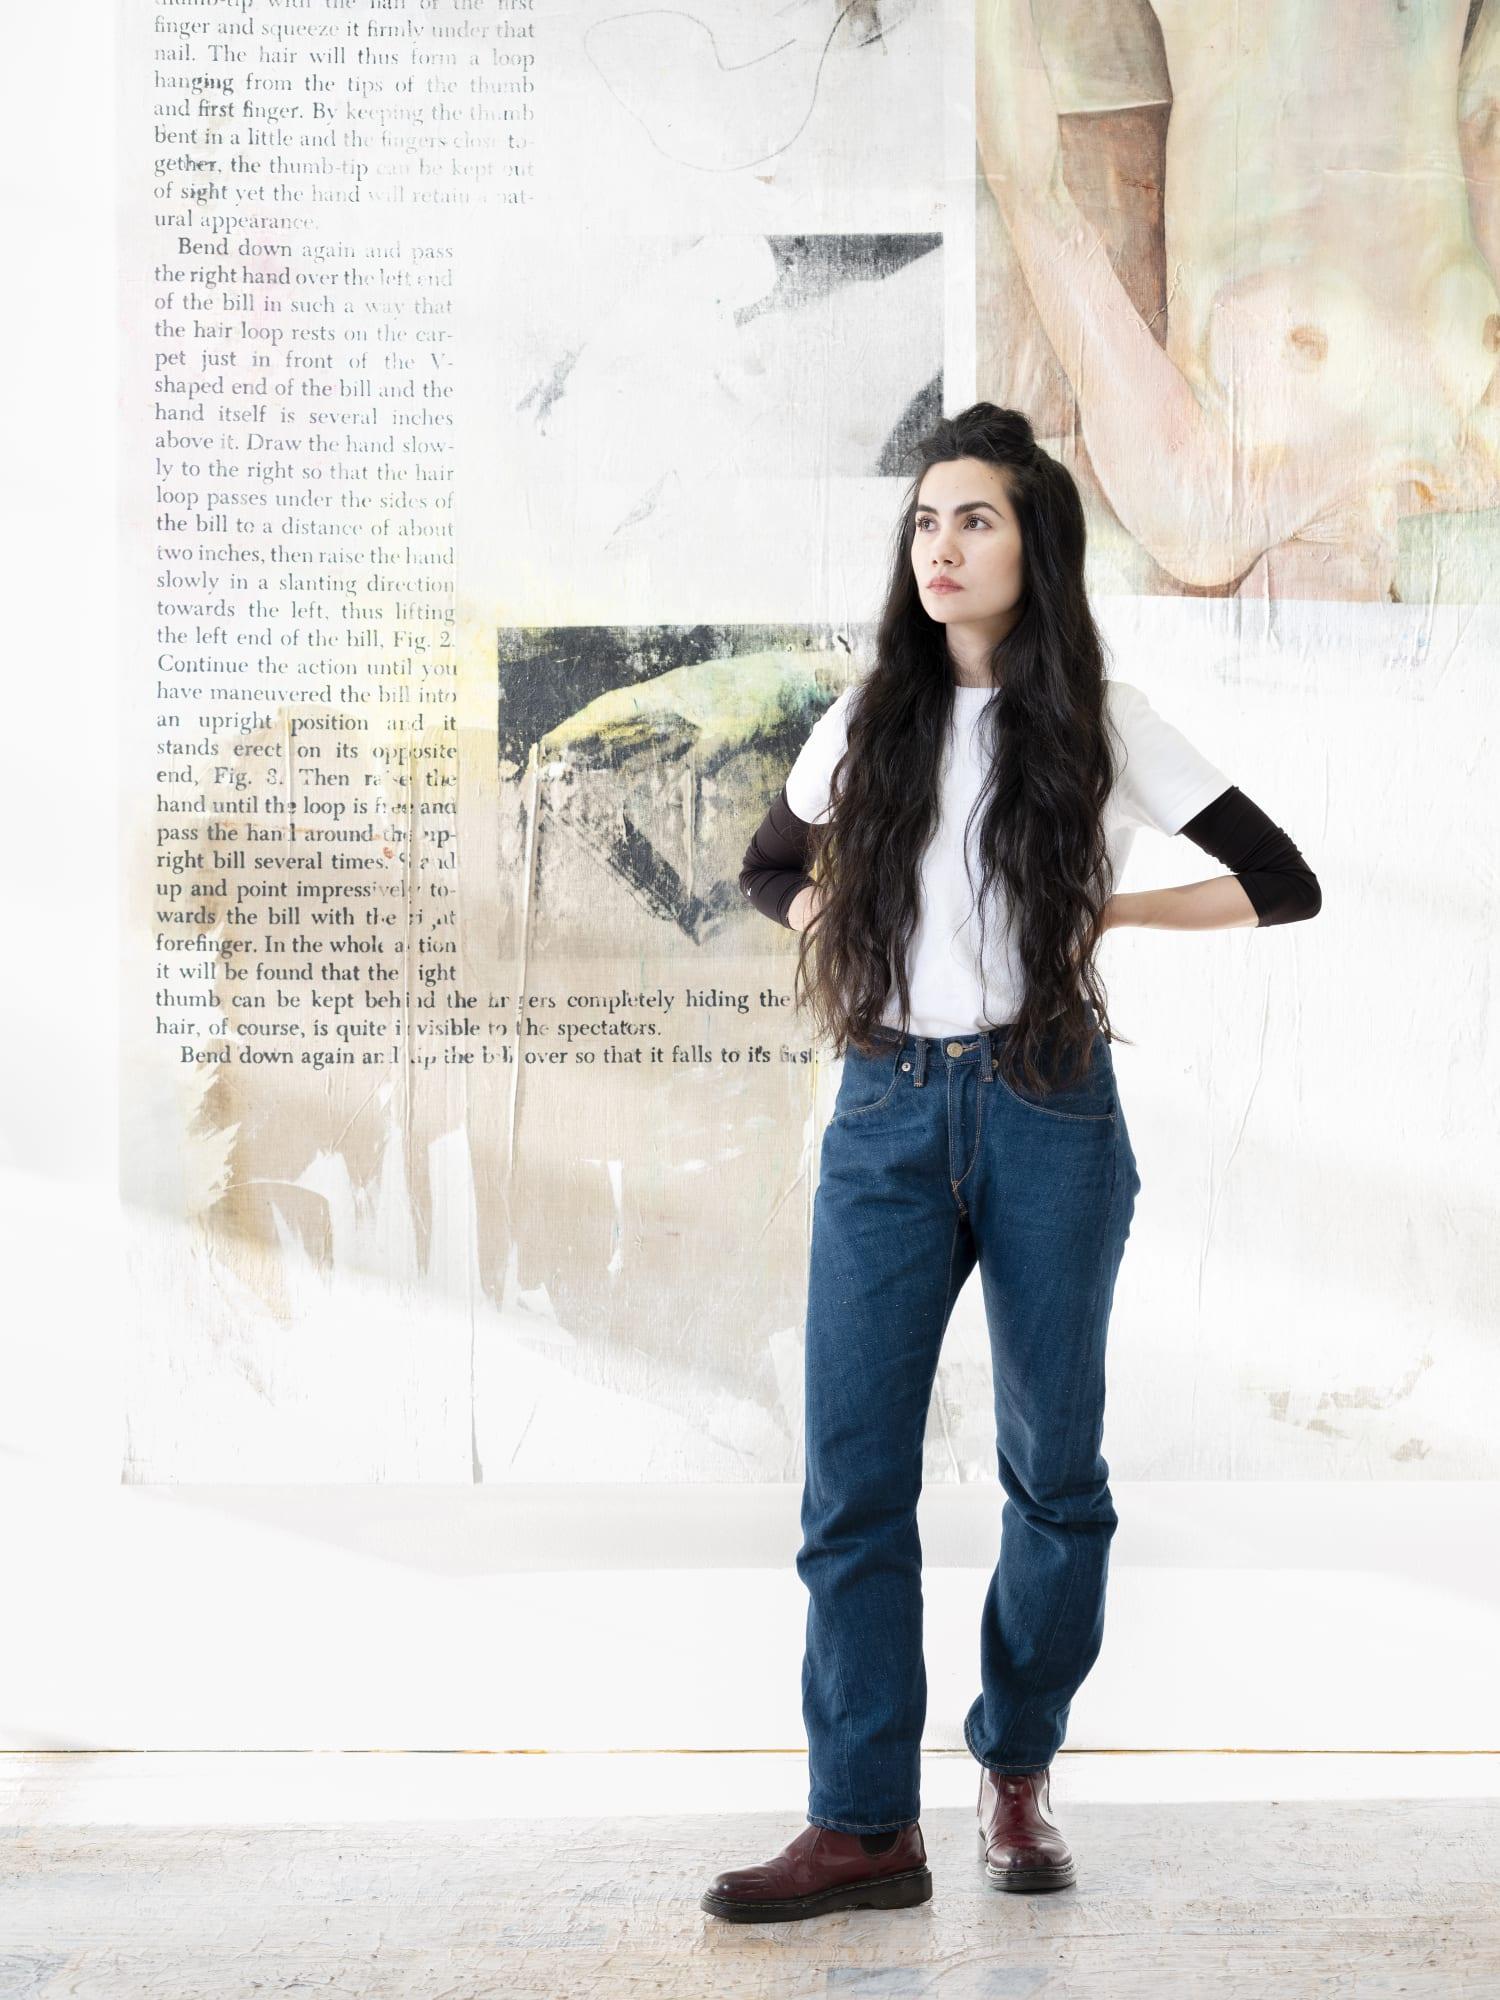 Talk Art: Mandy El-Sayegh